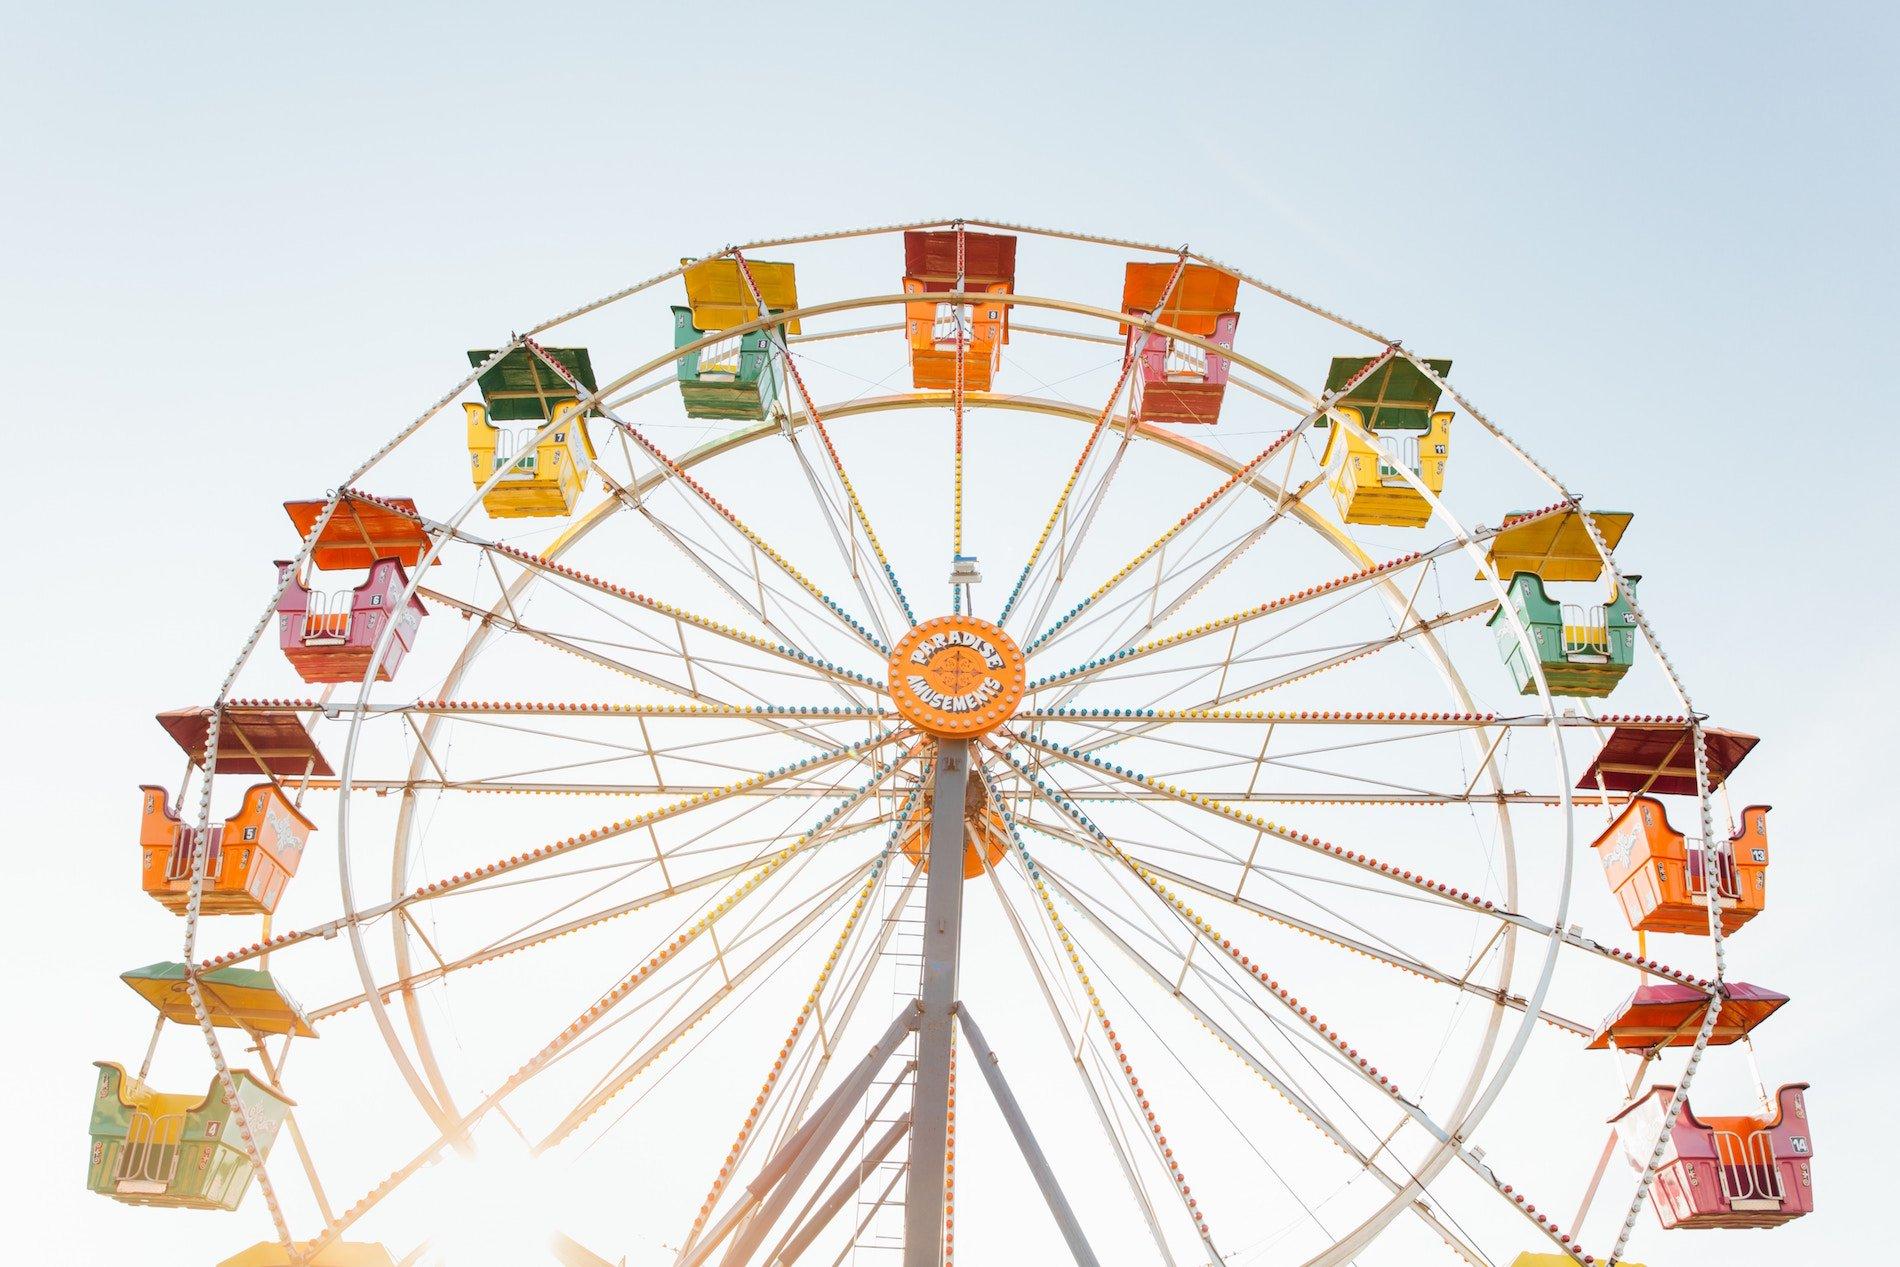 Ferris wheel at Wilson County Fair TN 2018